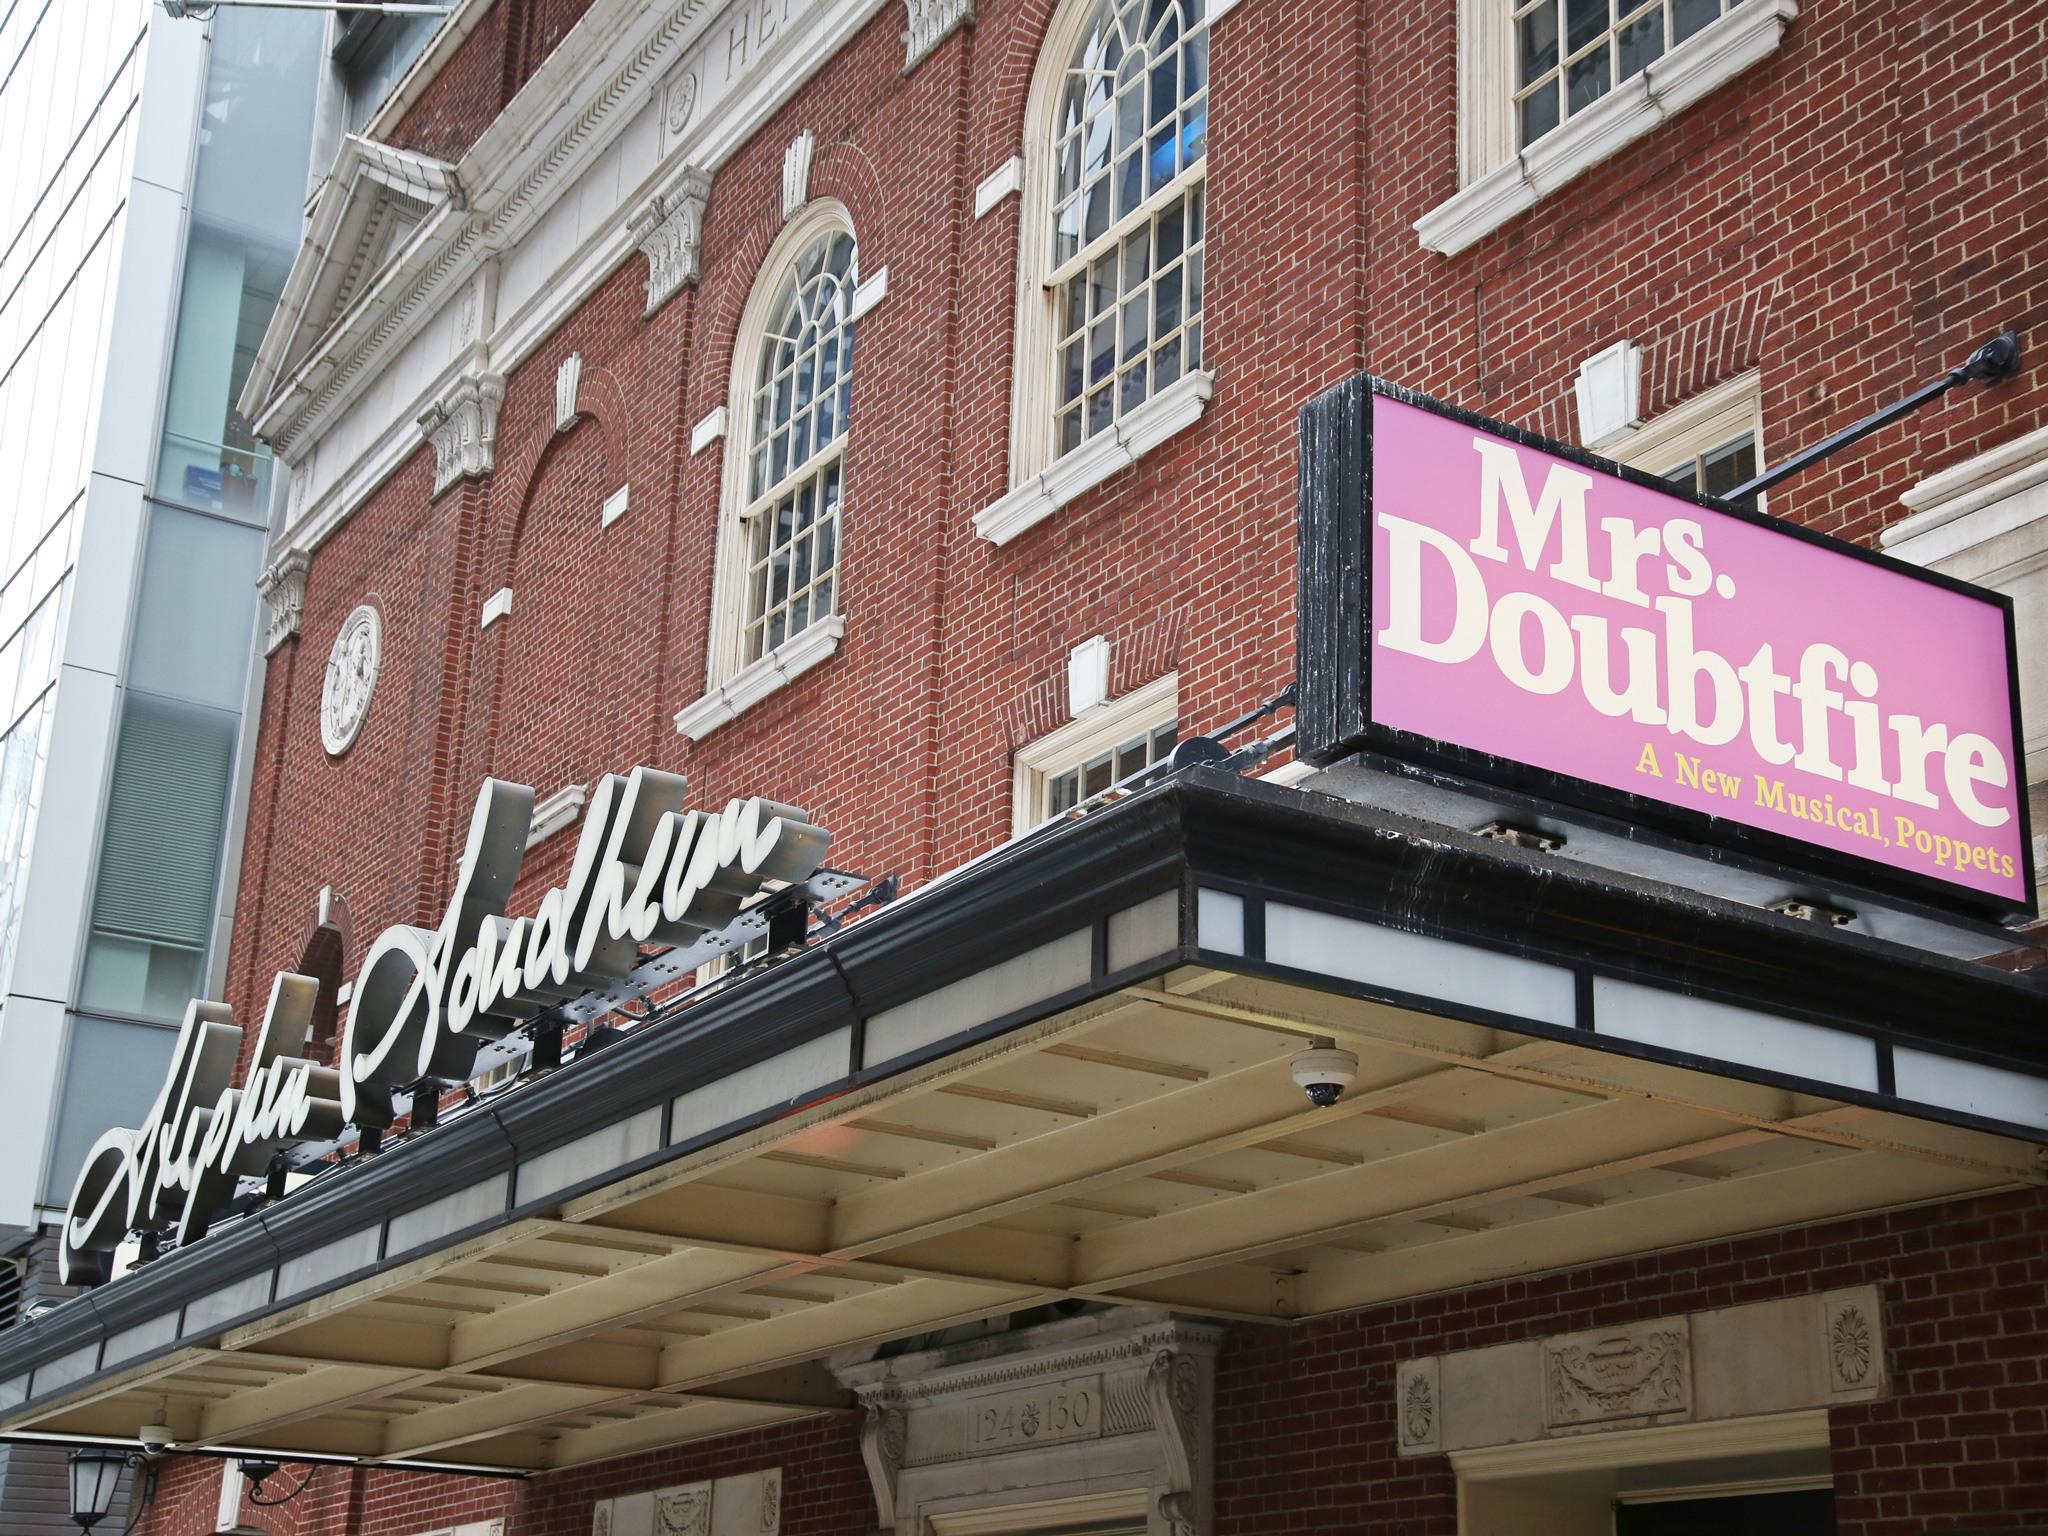 Mrs Doubtfire at the Stephen Sondheim Theatre